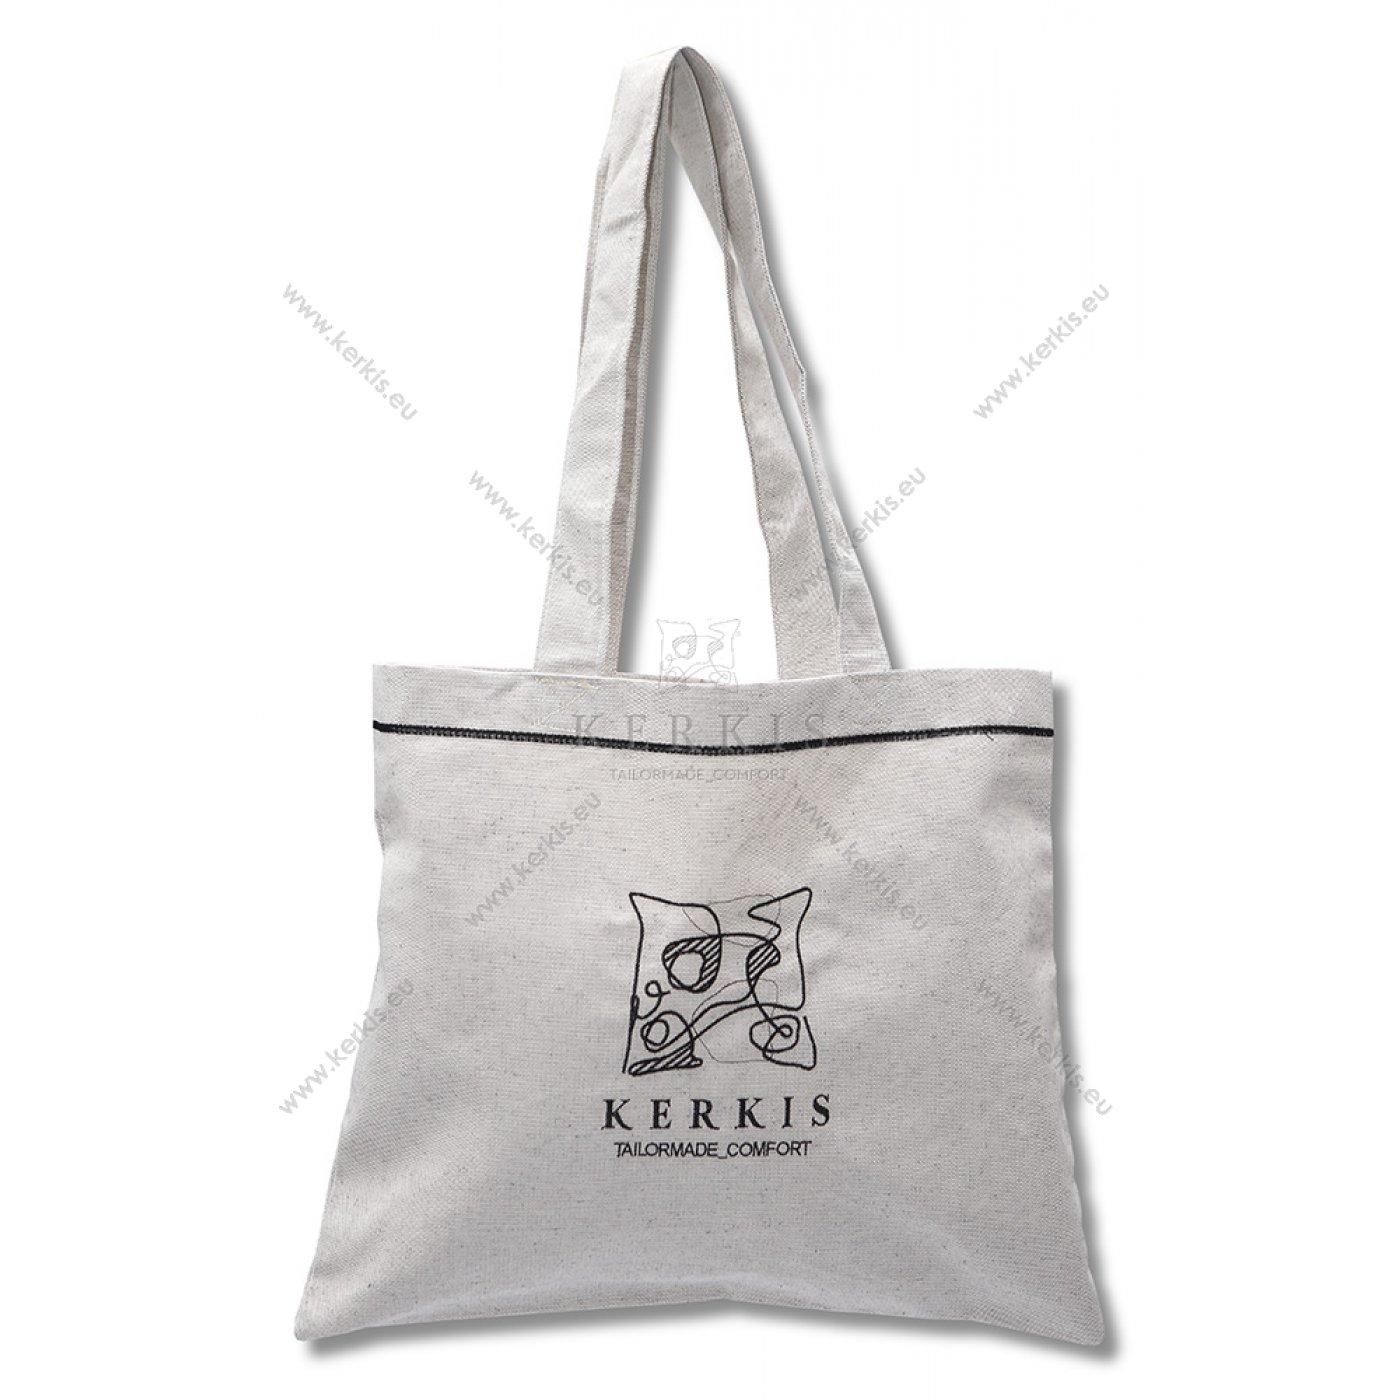 Υφασμάτινη βαμβακερή, διαφημιστική τσάντα με κεντημένο το λογότυπο του ξενοδοχείου σας